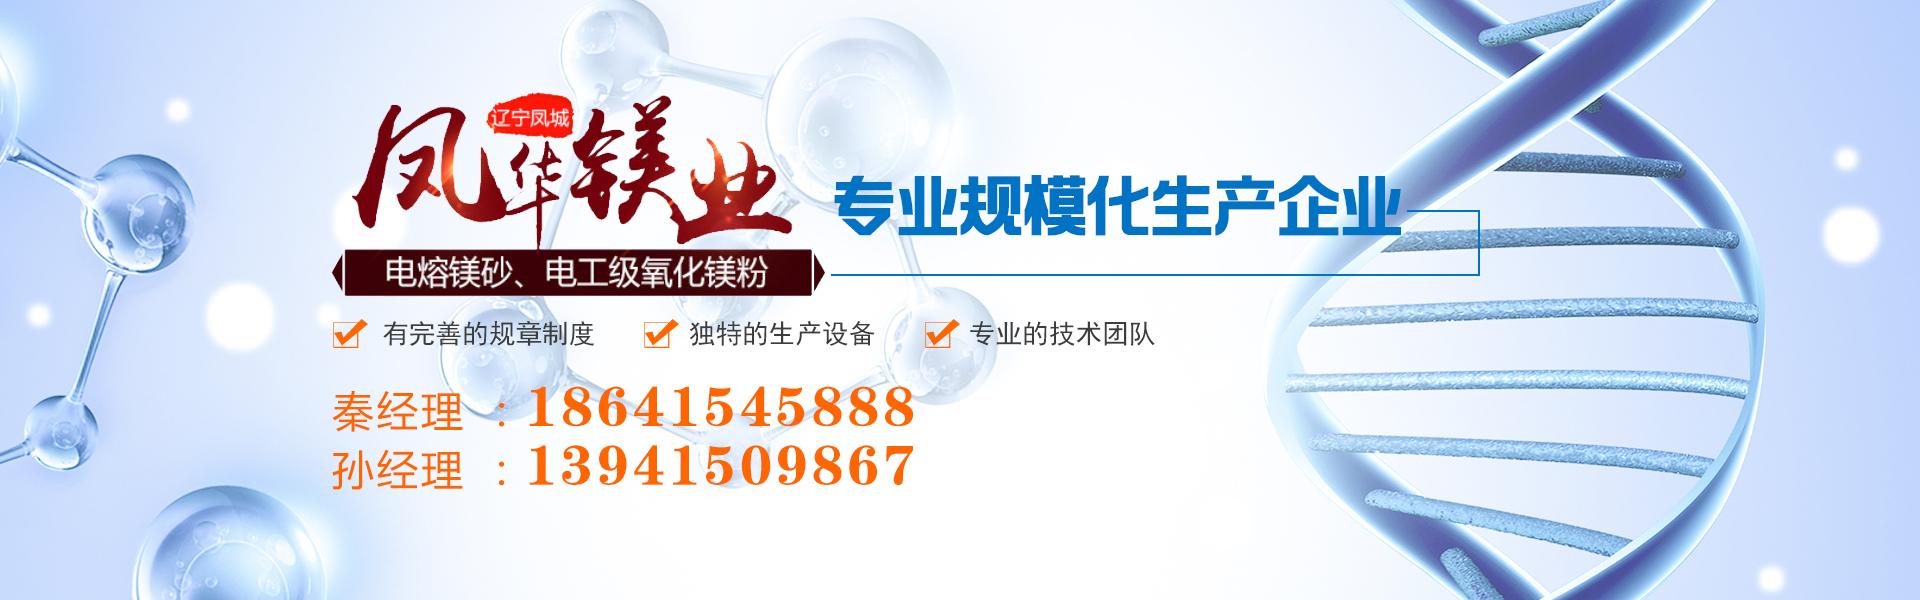 辽宁电工级氧化镁粉,丹东铝管氧化镁粉